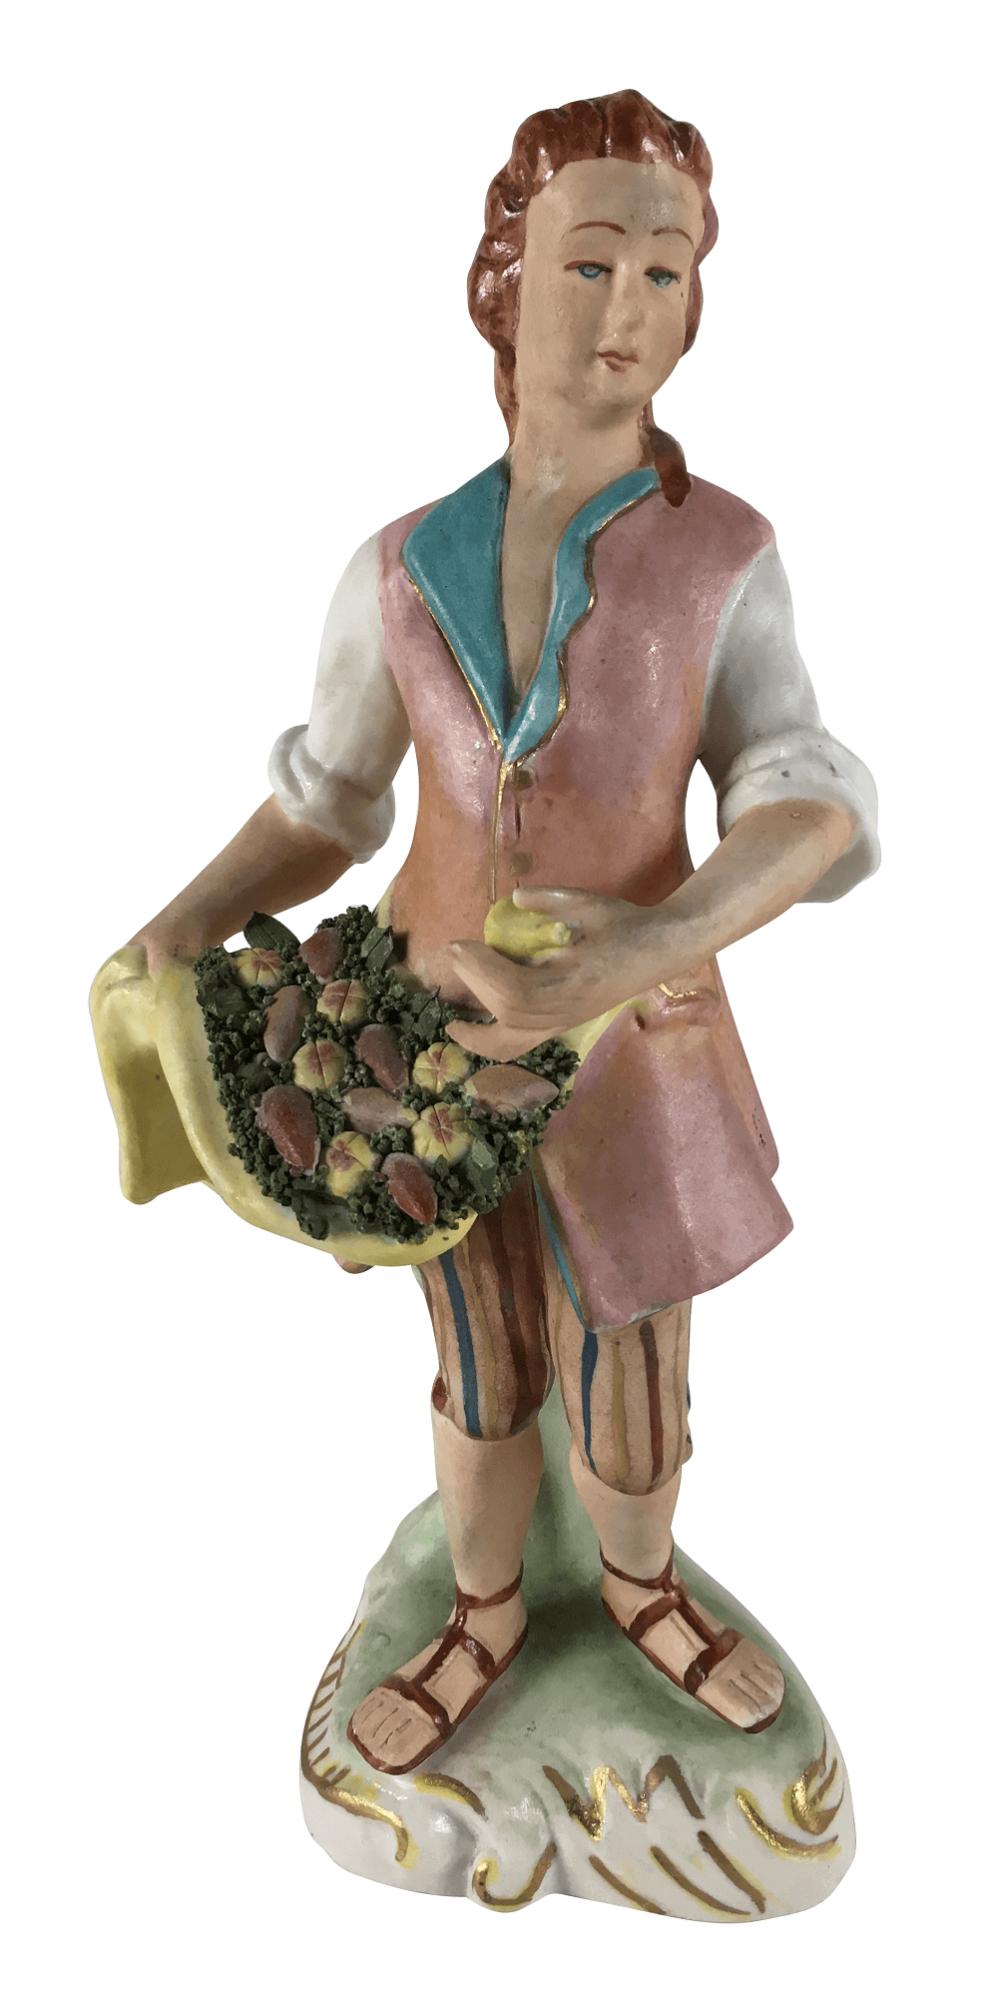 Escultura Antiga Porcelana Homem Colhendo Frutas